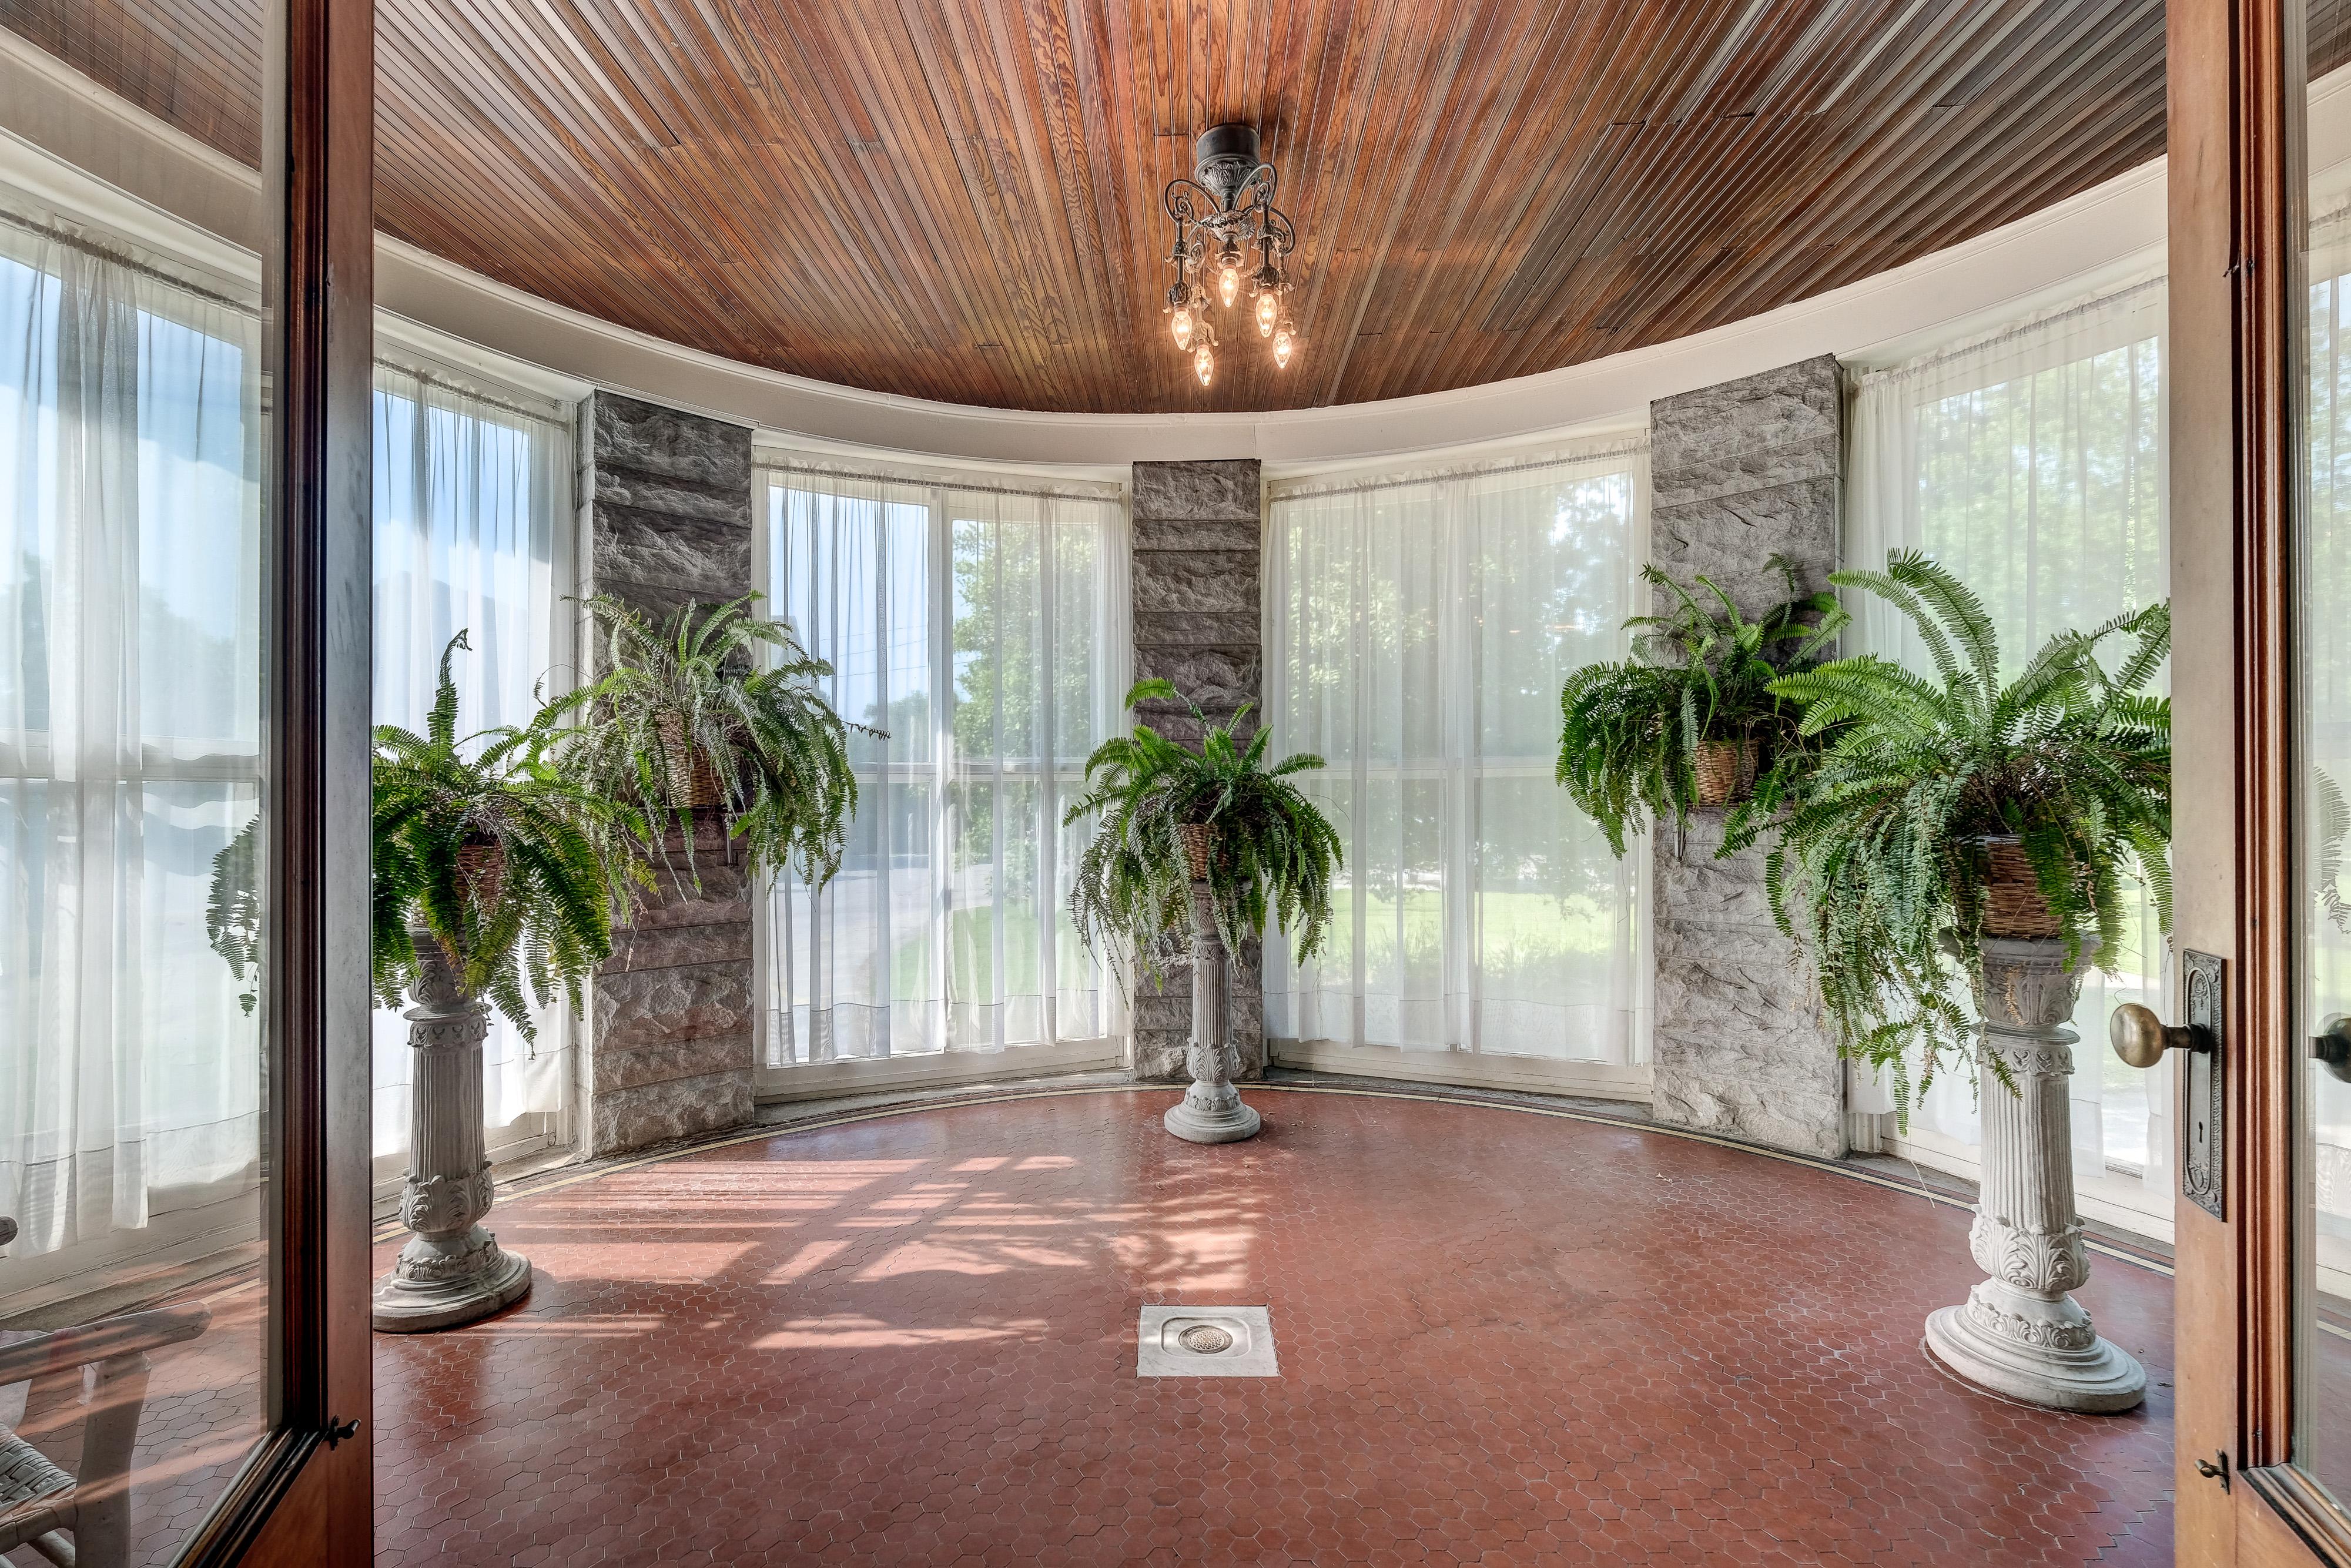 H Phelps House Solarium RH